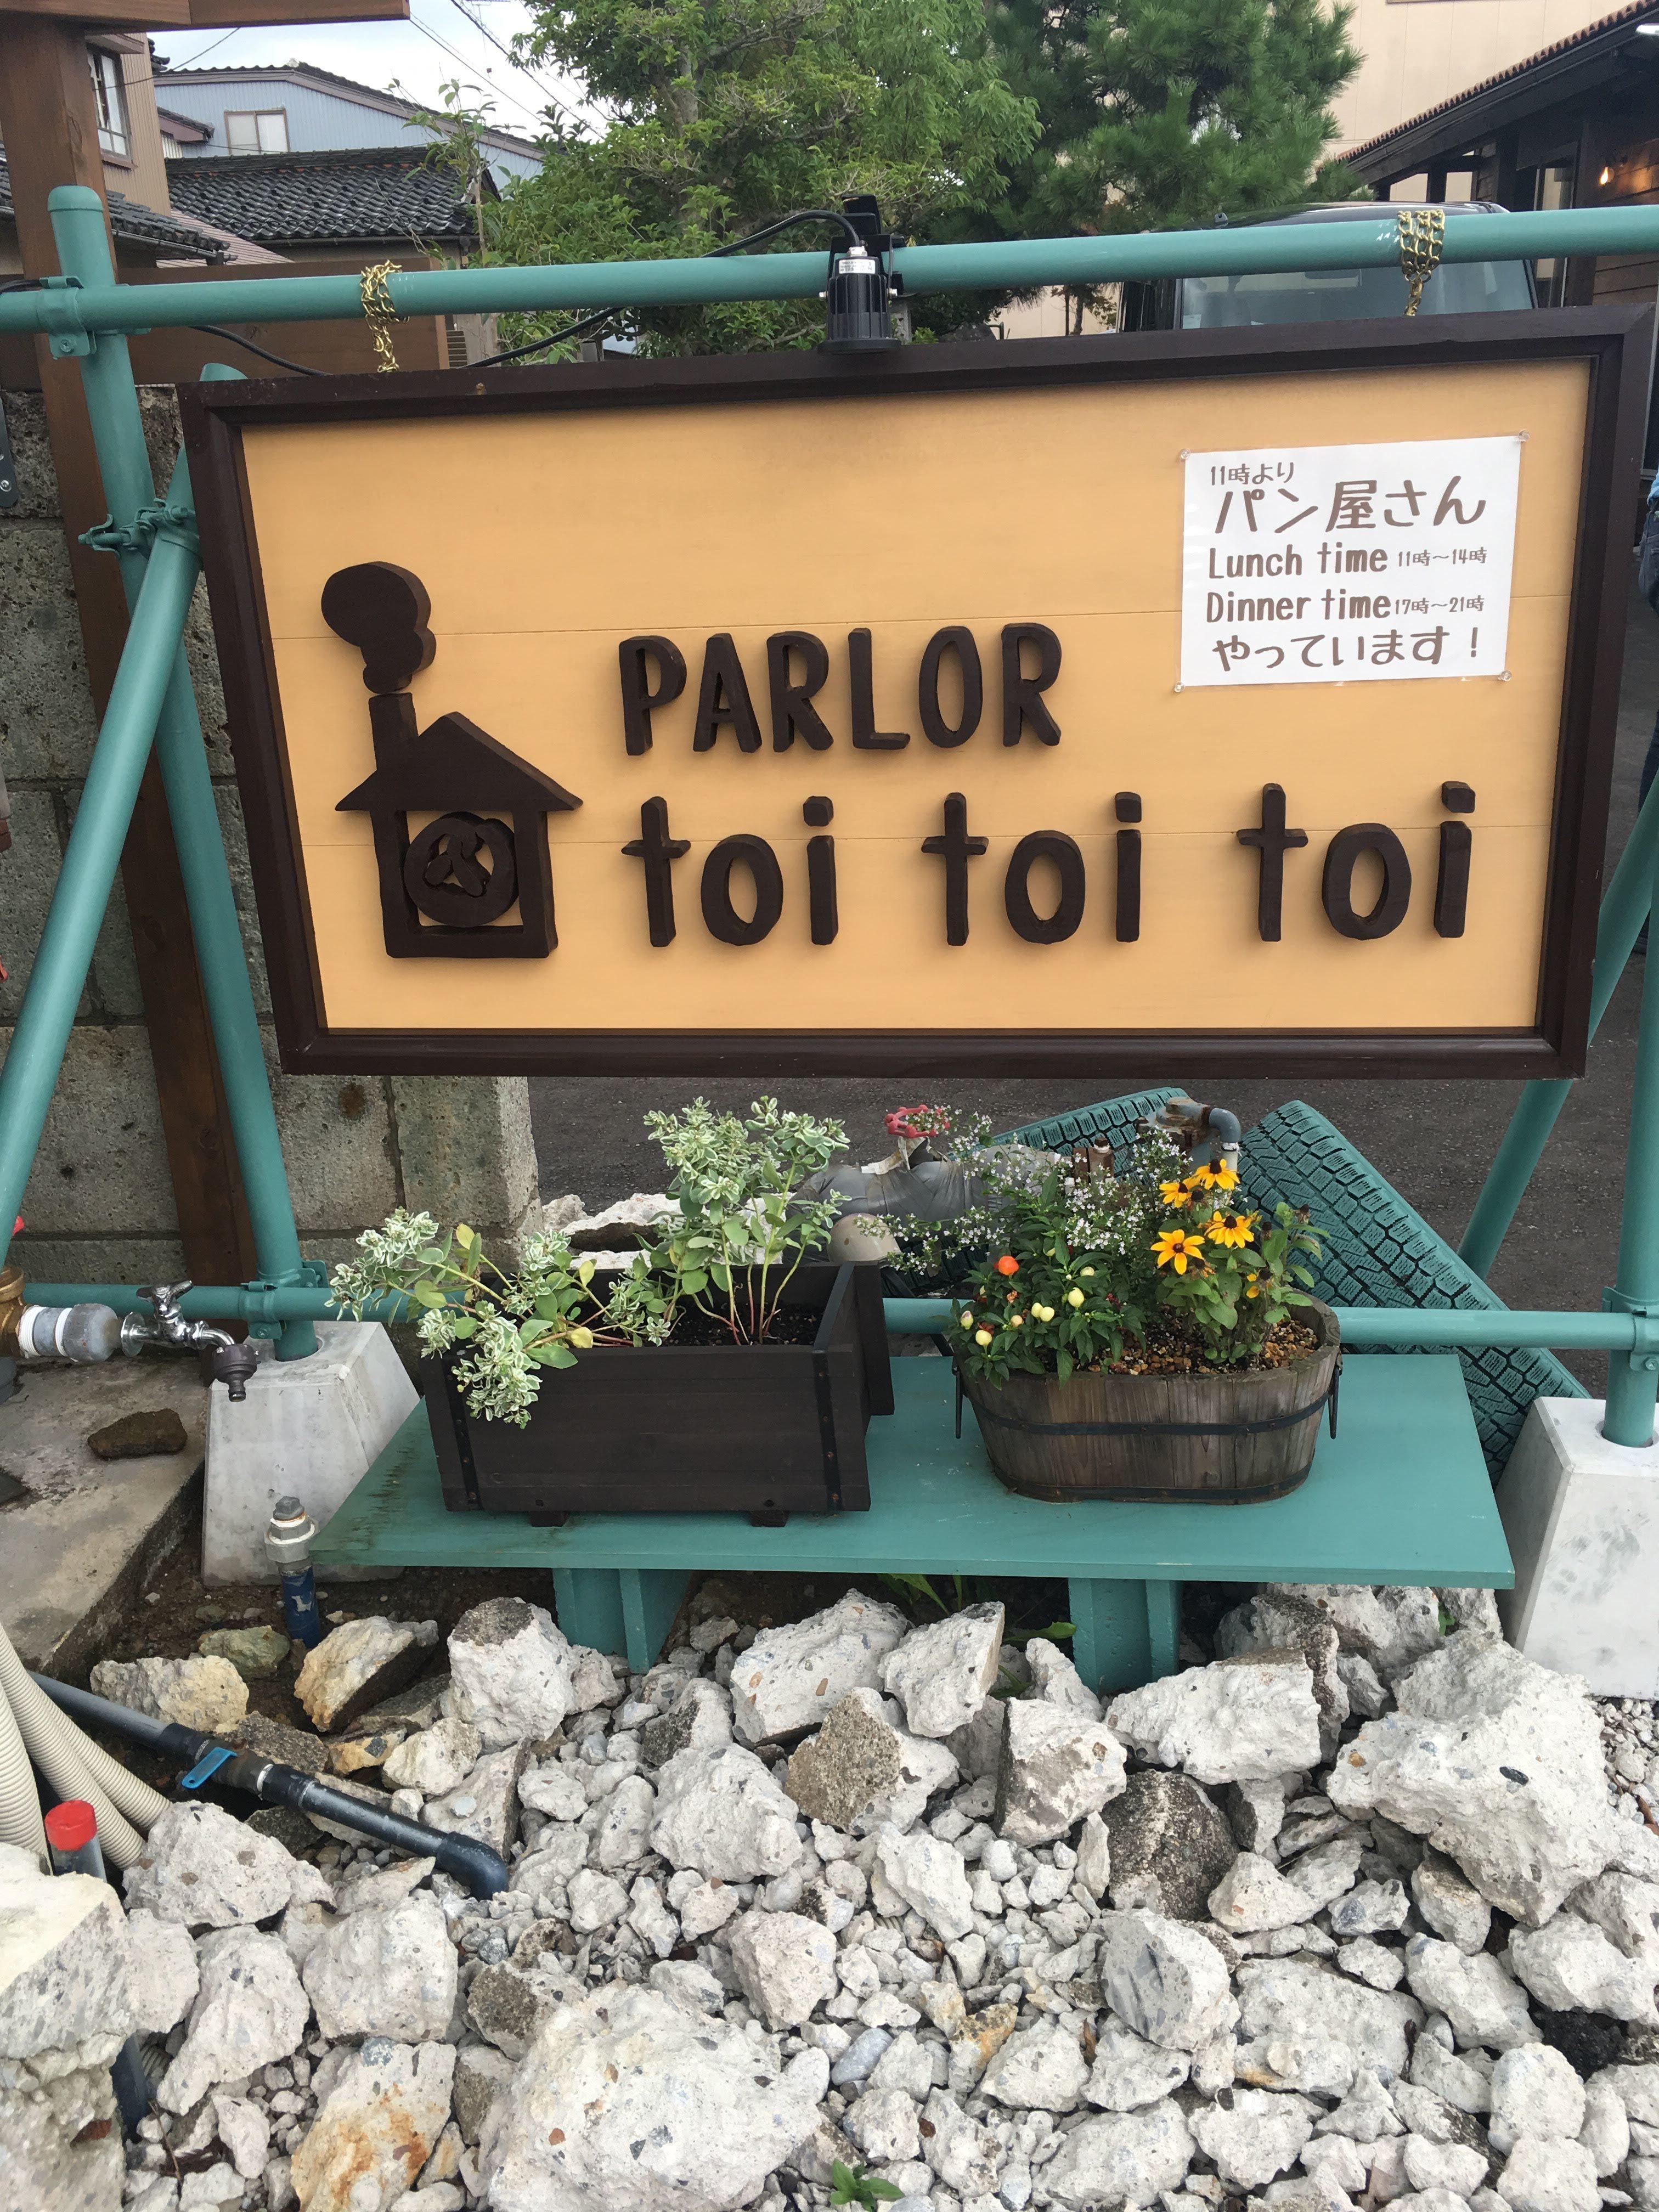 富山県射水市のパン屋さん【PARLOR toi toi toi パーラートイトイトイ】へ行ってきた!